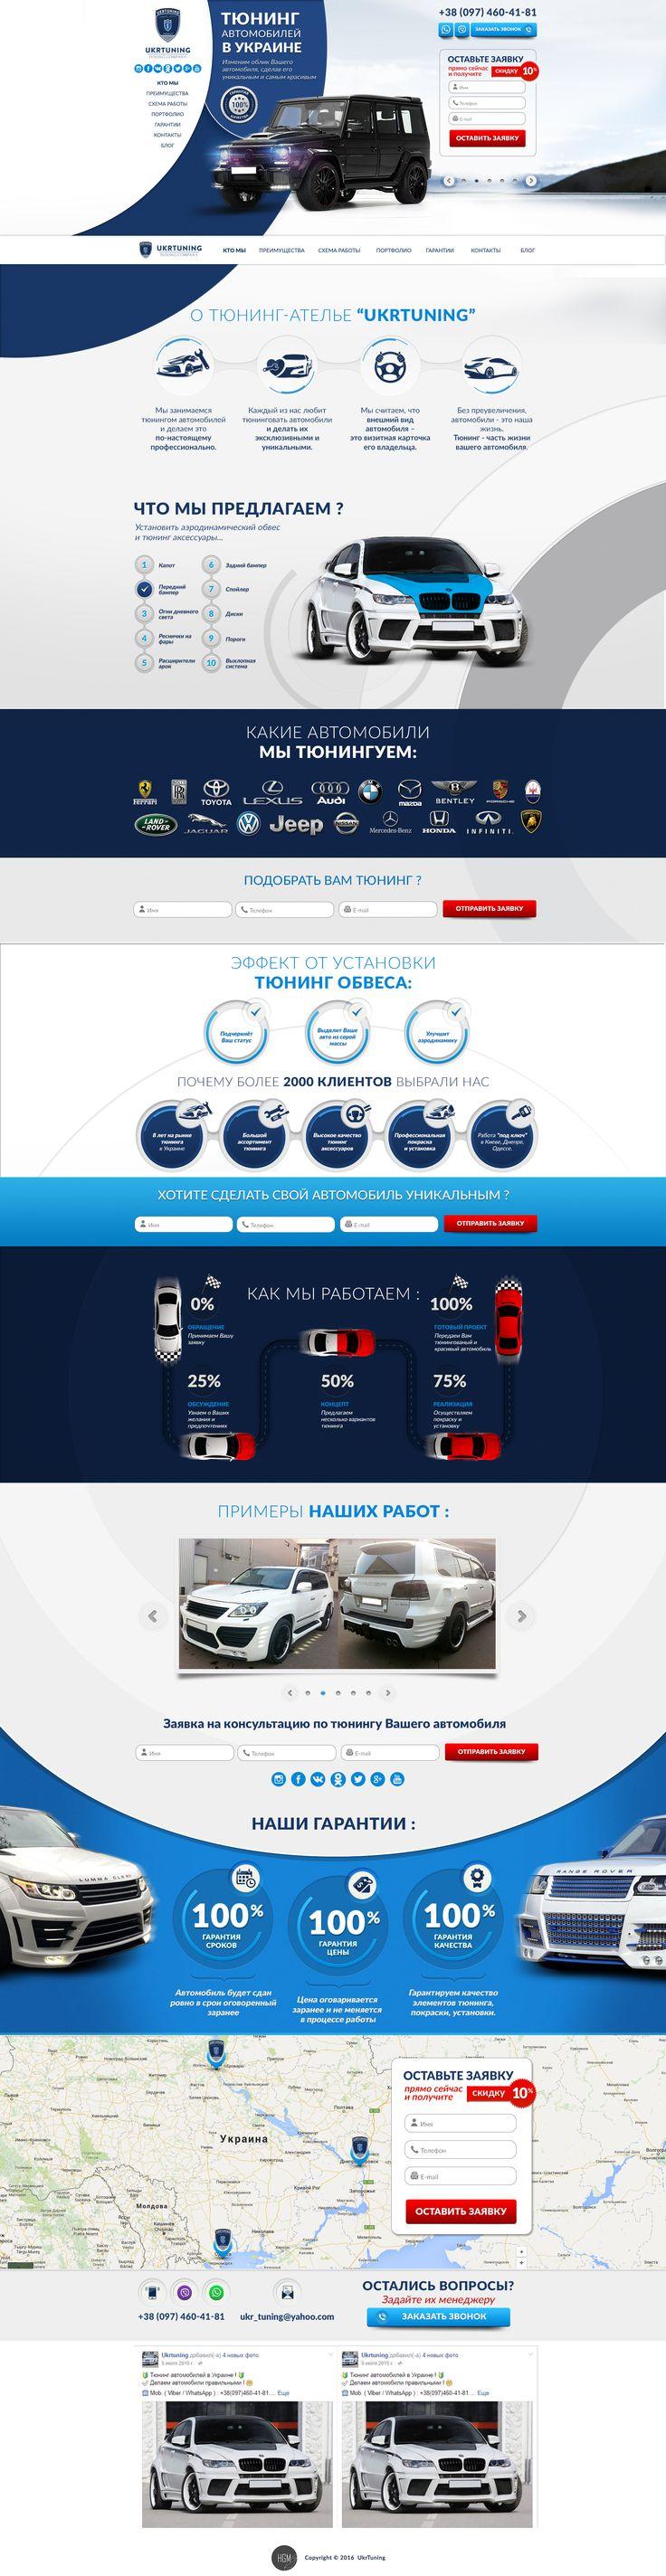 UKRTUNING   #landing, #page, #design, #web, #HTML5, #photoshop, #website, #cars, #tuning